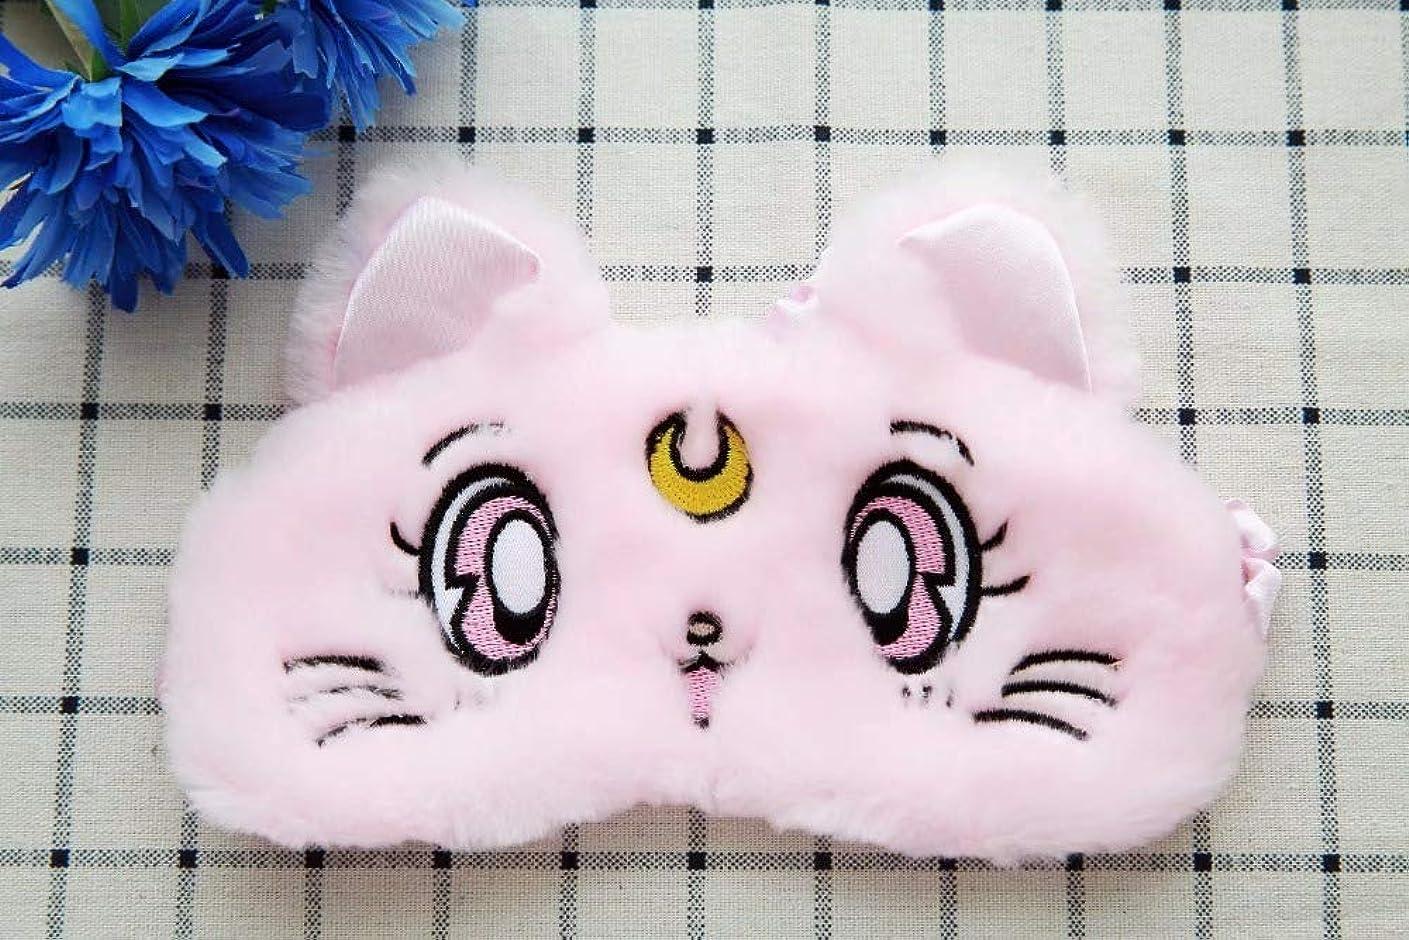 ジョブポルノ安西NOTE 目ケアツール1ピースかわいい猫暖かい柔らかい豪華なアイシェード睡眠マスクブラックマスク包帯用目に睡眠